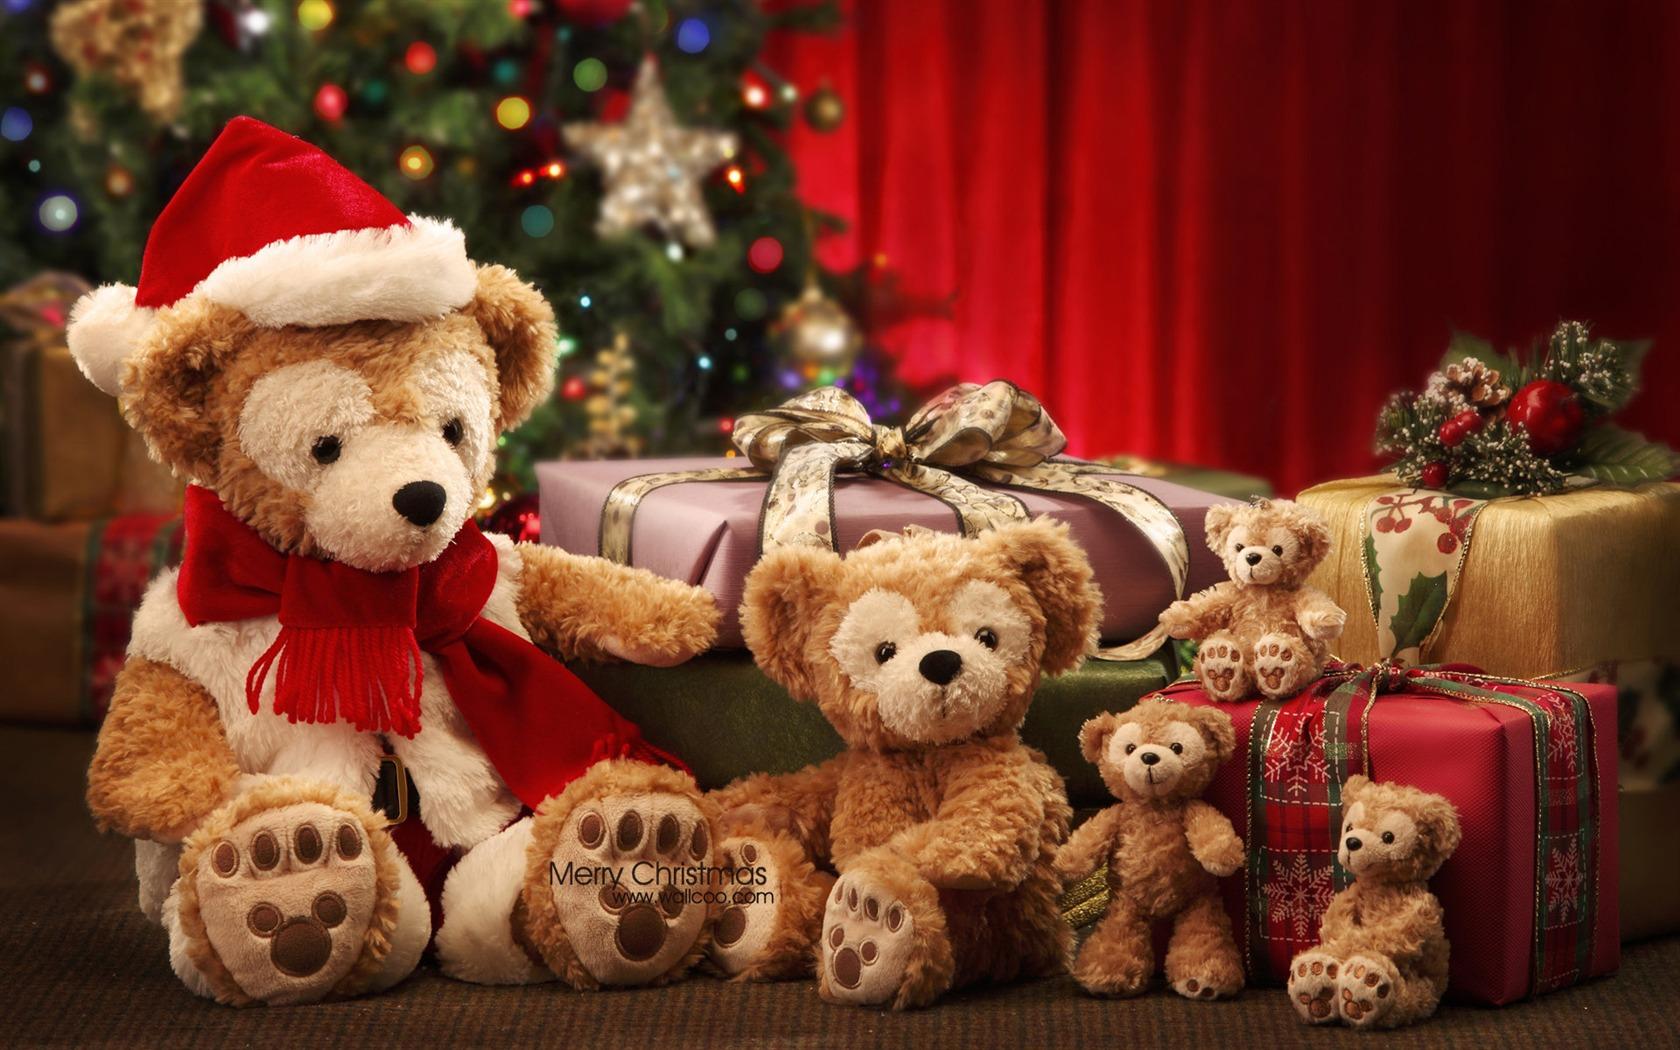 ディズニーウィニーダフィー 壁紙ディズニークリスマスプレゼント